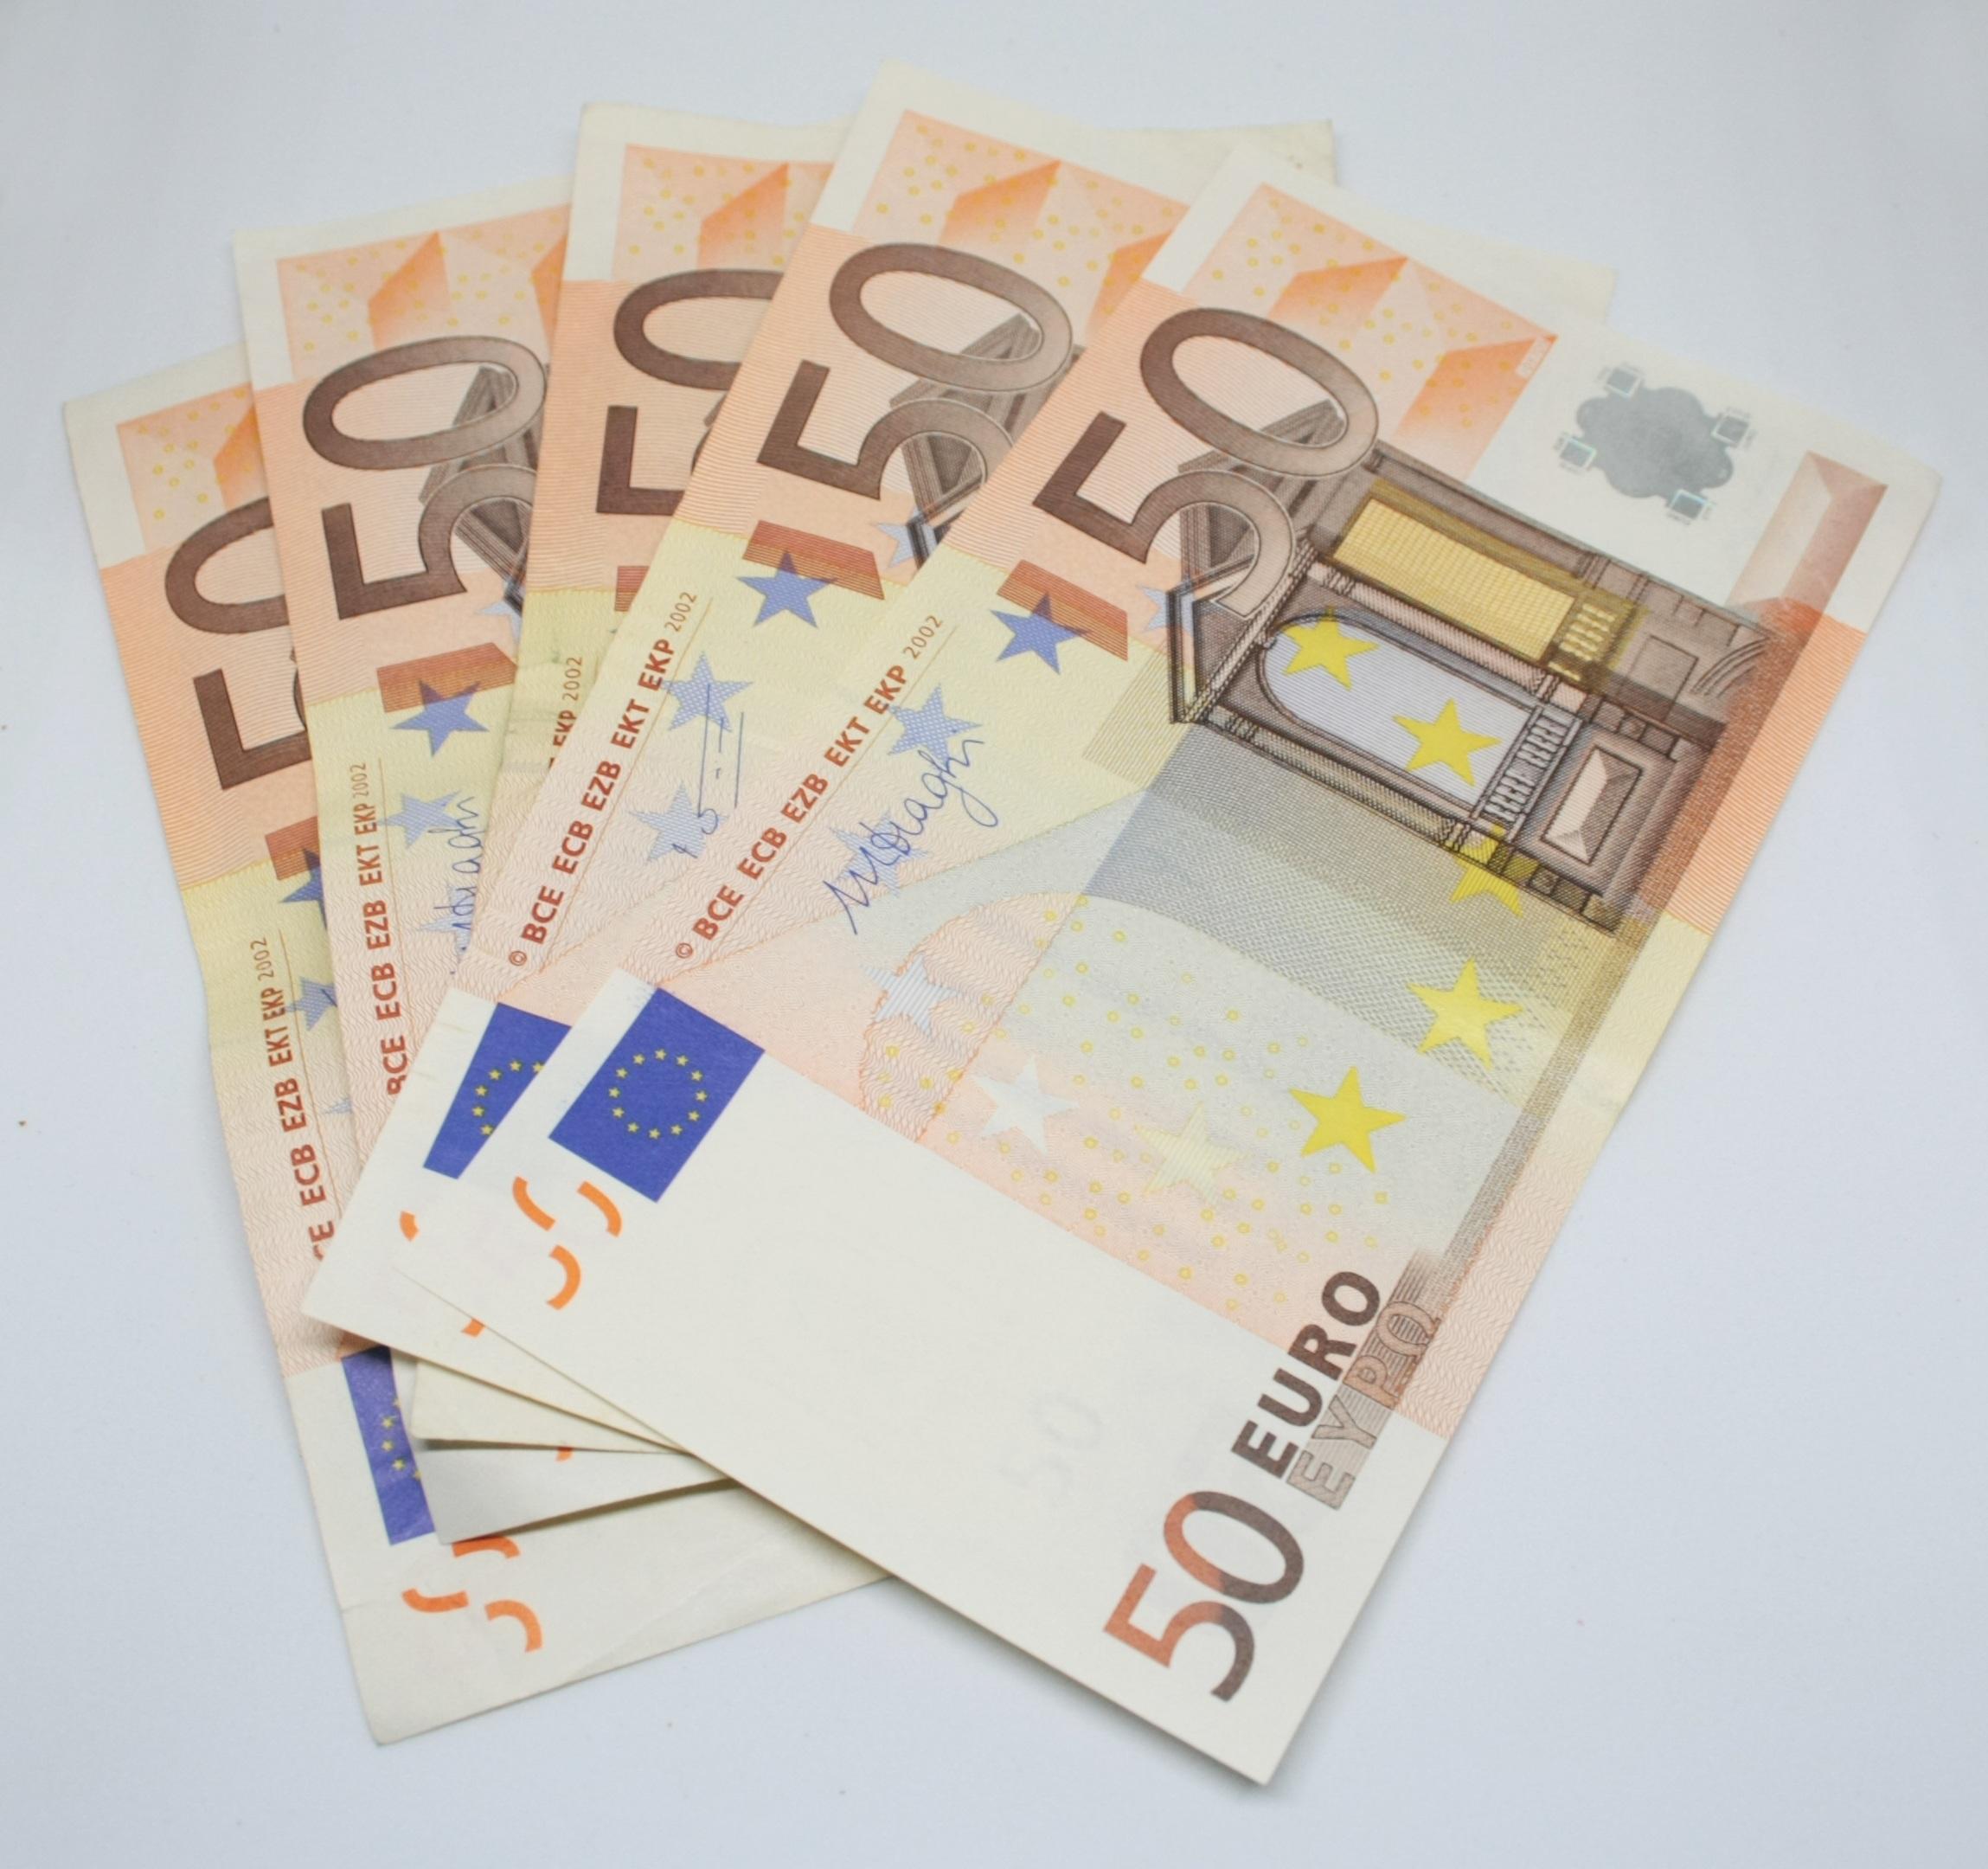 Fake, peniaze, podvod - Obrzok zdarma na Pixabay